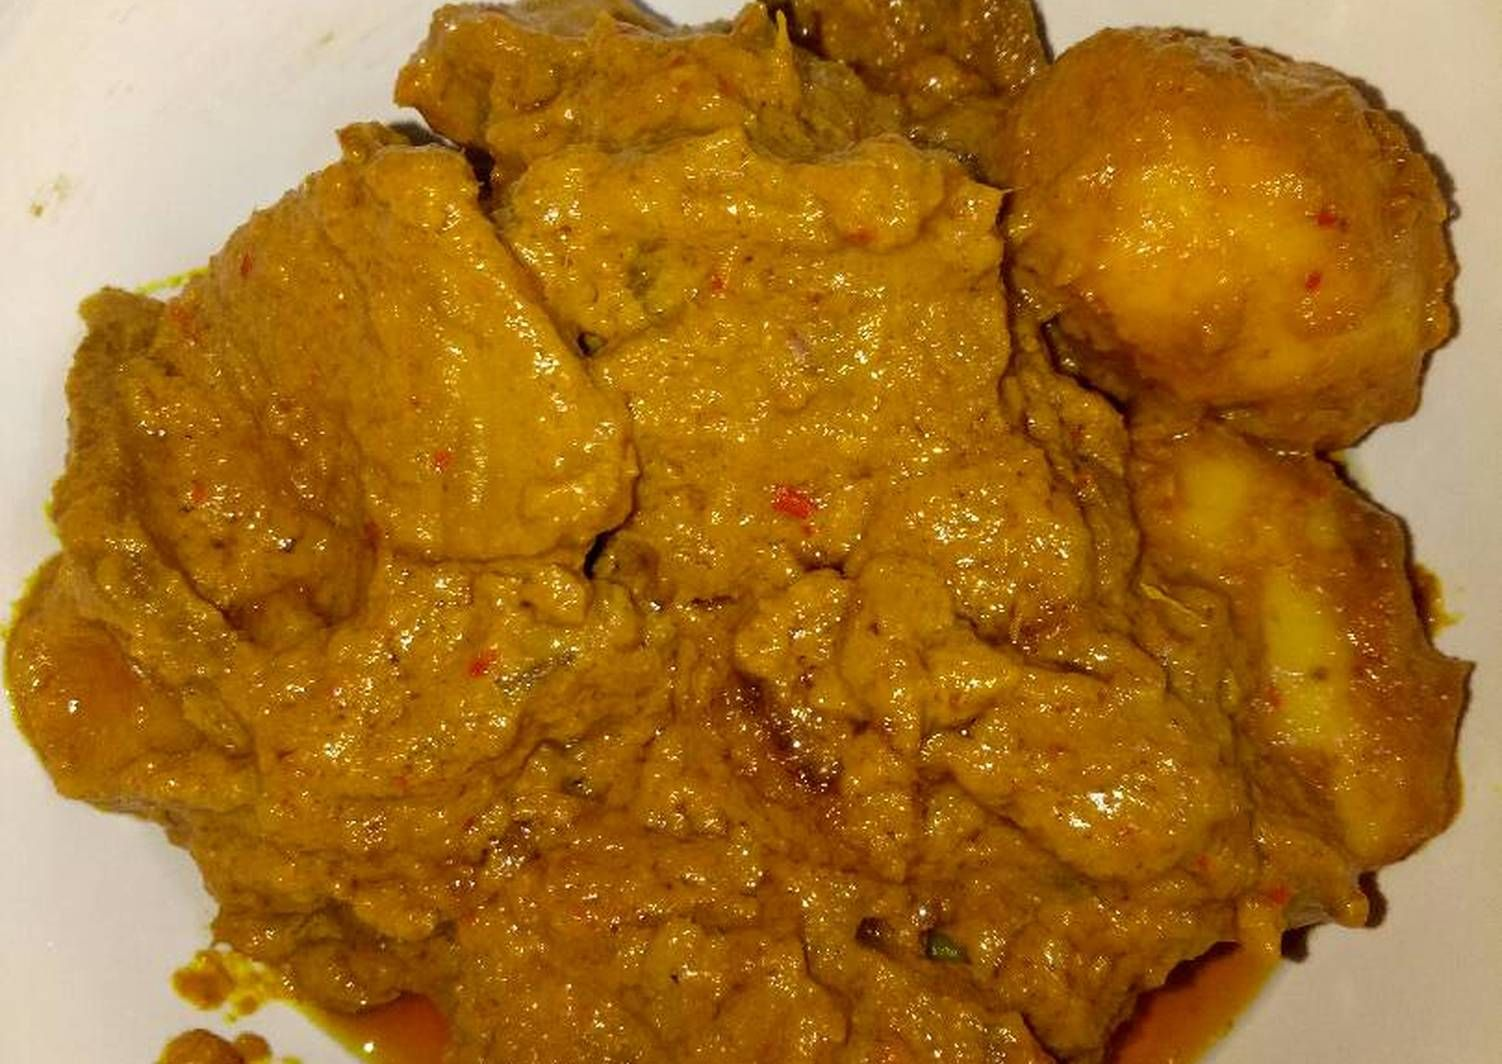 Resep Rendang Daging Bumbu Simple Oleh Msanggraini Resep Daging Jamur Resep